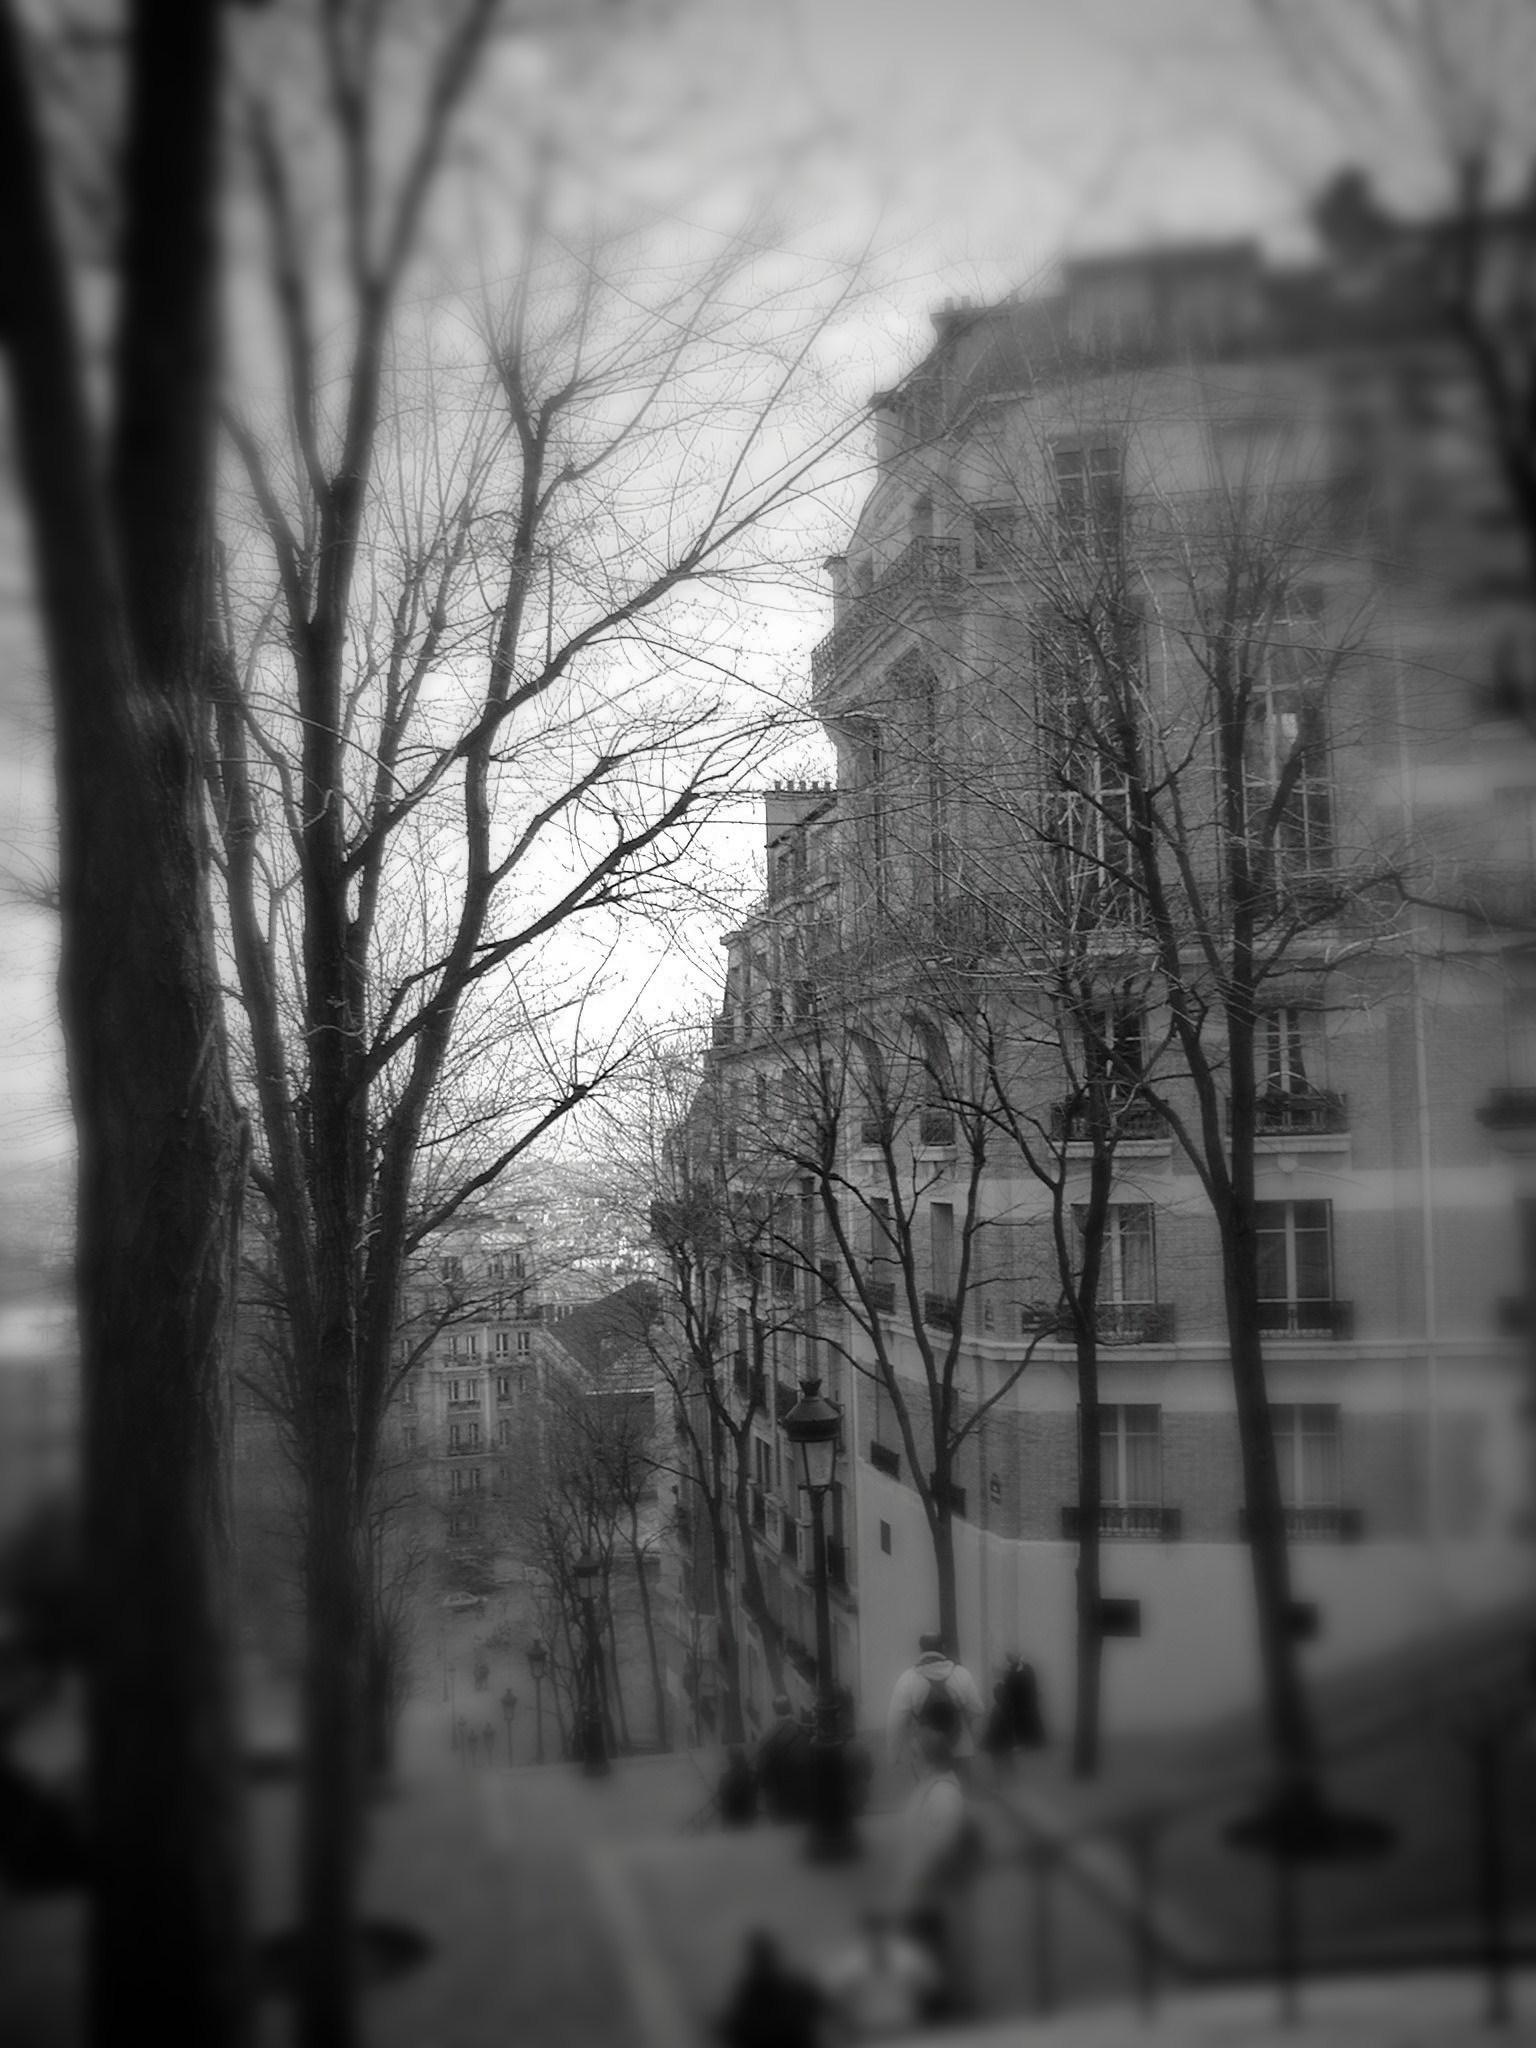 Street in Montmartre